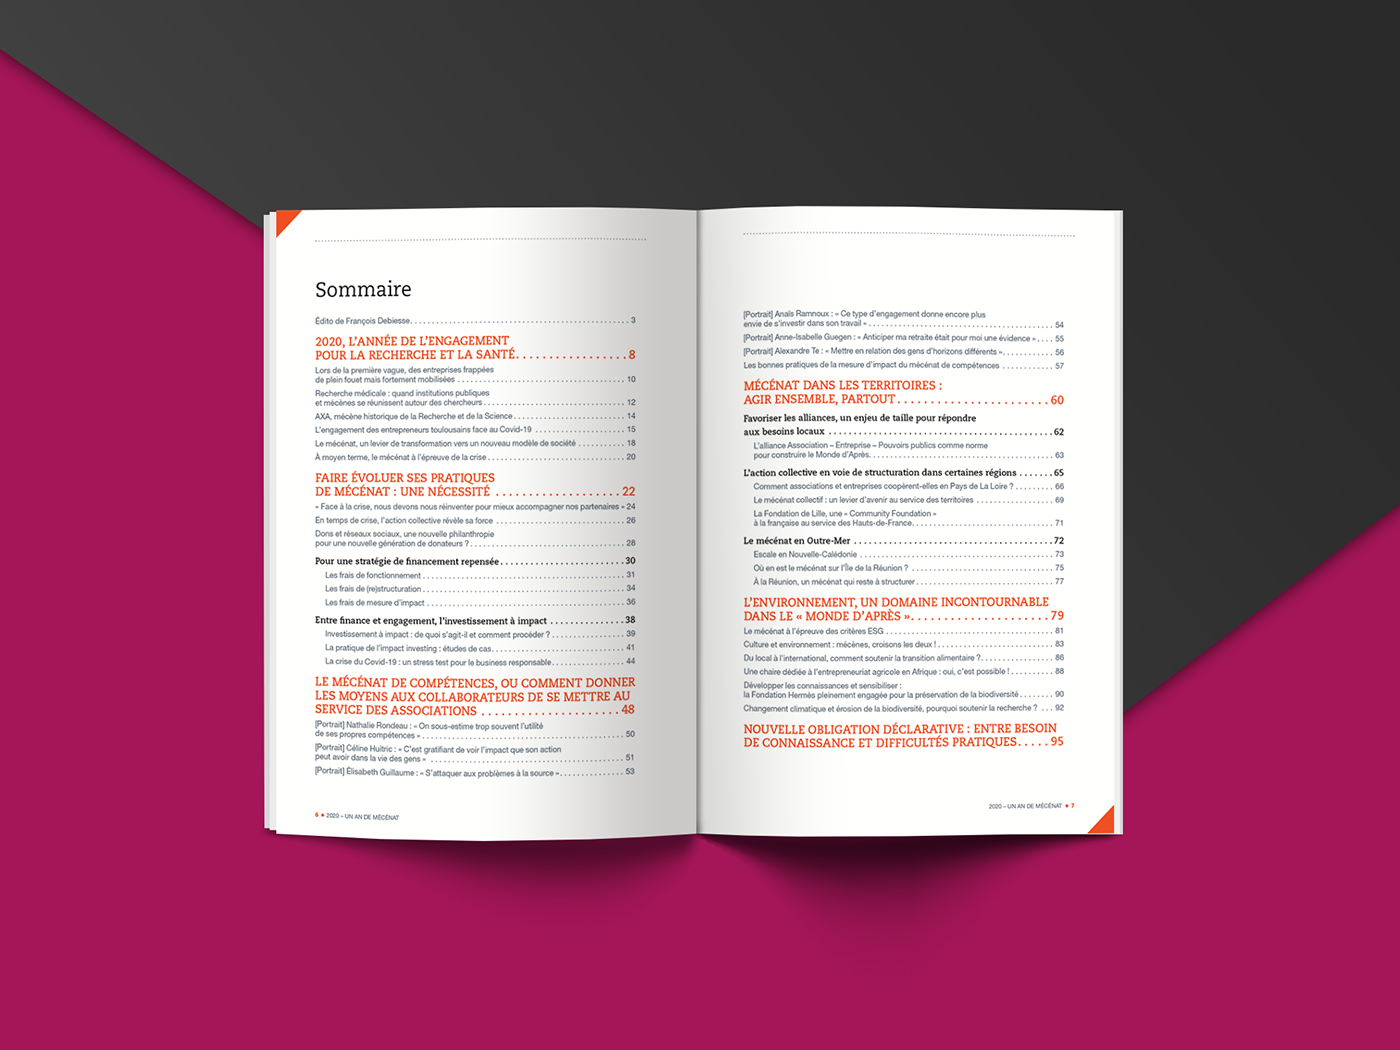 annuel Association corporate magasine mécénat mécène data visualization InDesign infographic magazine